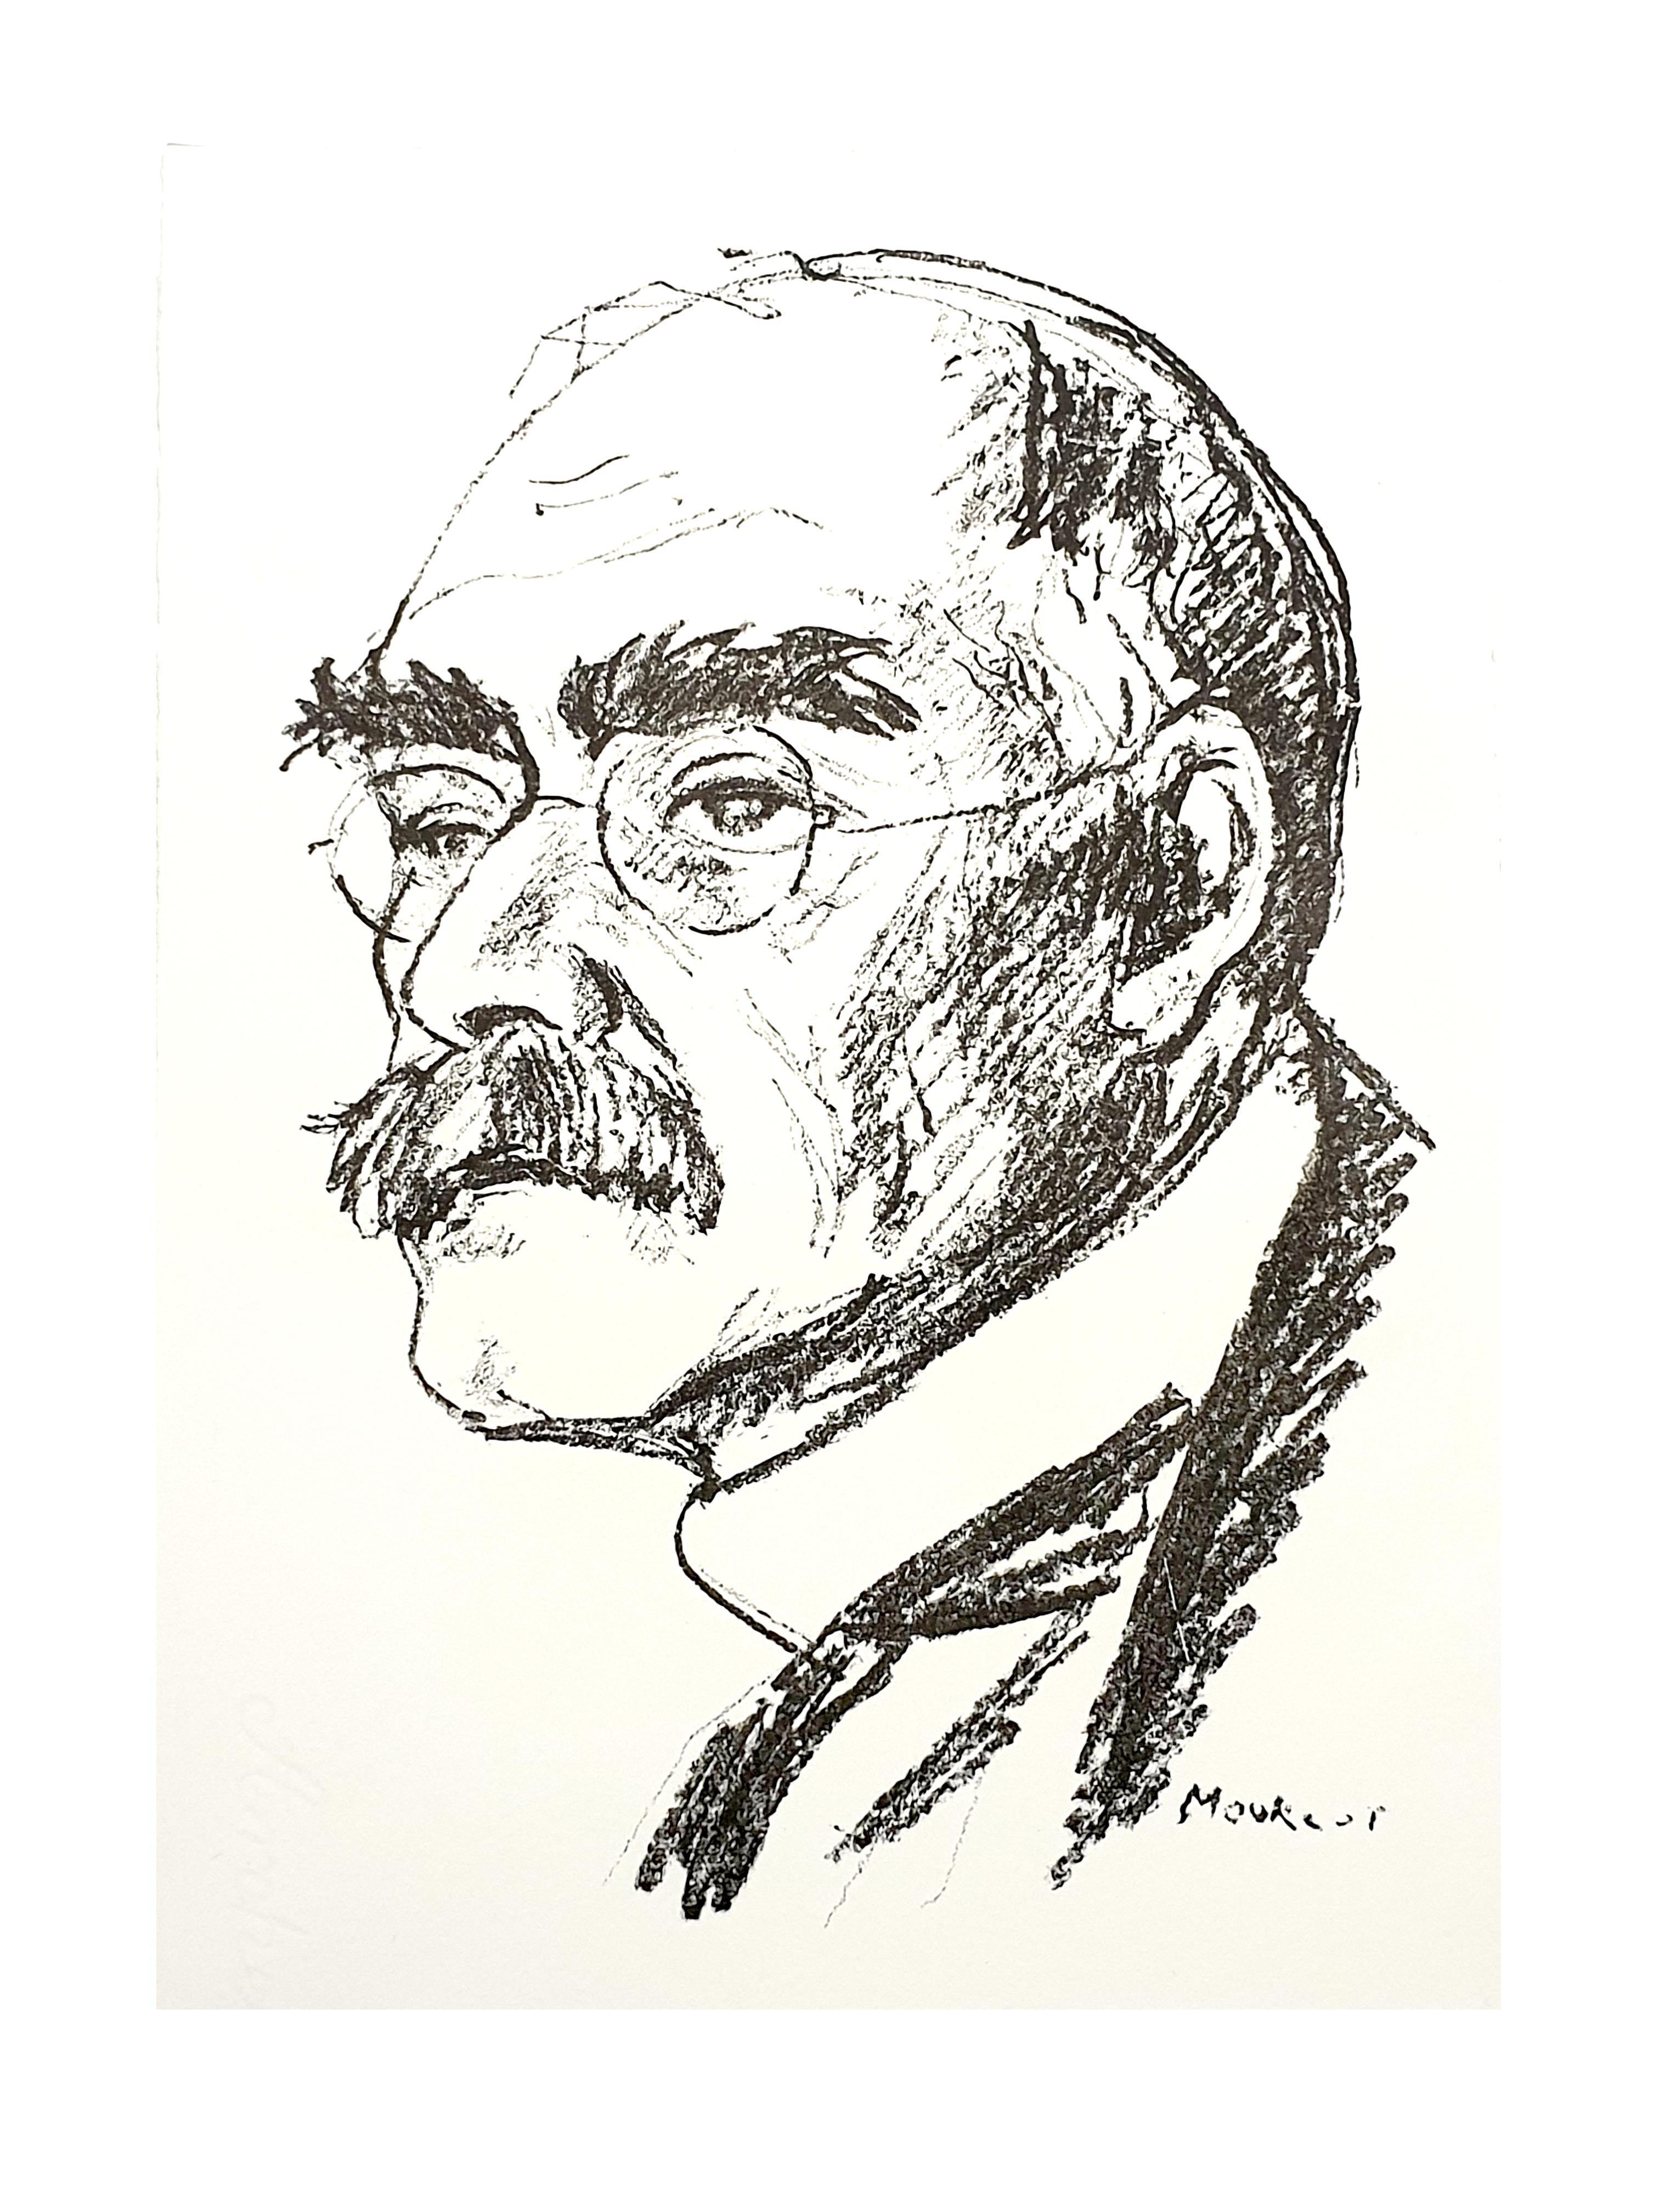 Maurice Mourlot - Portrait - Original Lithograph